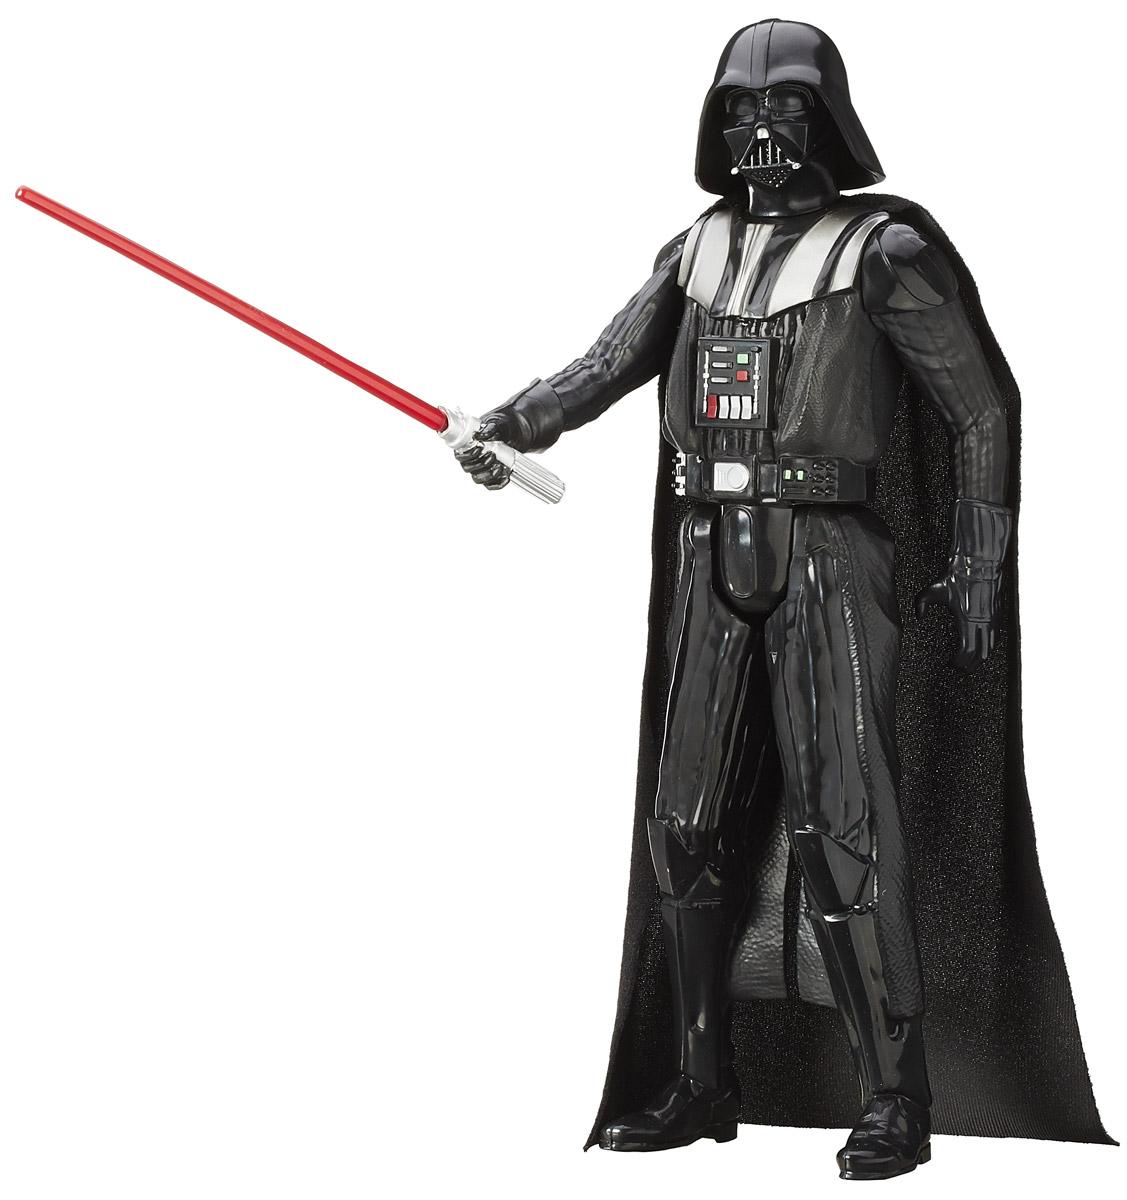 Star Wars Фигурка Darth Vader высота 29 смB3908_B3909Фигурка Star Wars Darth Vader порадует всех поклонников фантастической саги Звездные Войны. Фигурка, созданная в виде героя Дарт Вейдера, выполнена из пластика и проработана до мельчайших деталей. Конечности фигурки подвижны: поворачивается голова, руки и ноги двигаются. Все это сделает игру реалистичной и разнообразной. Такая фигурка непременно понравится поклоннику Звездных войн и станет замечательным украшением любой коллекции. В наборе фигурка и оружие.